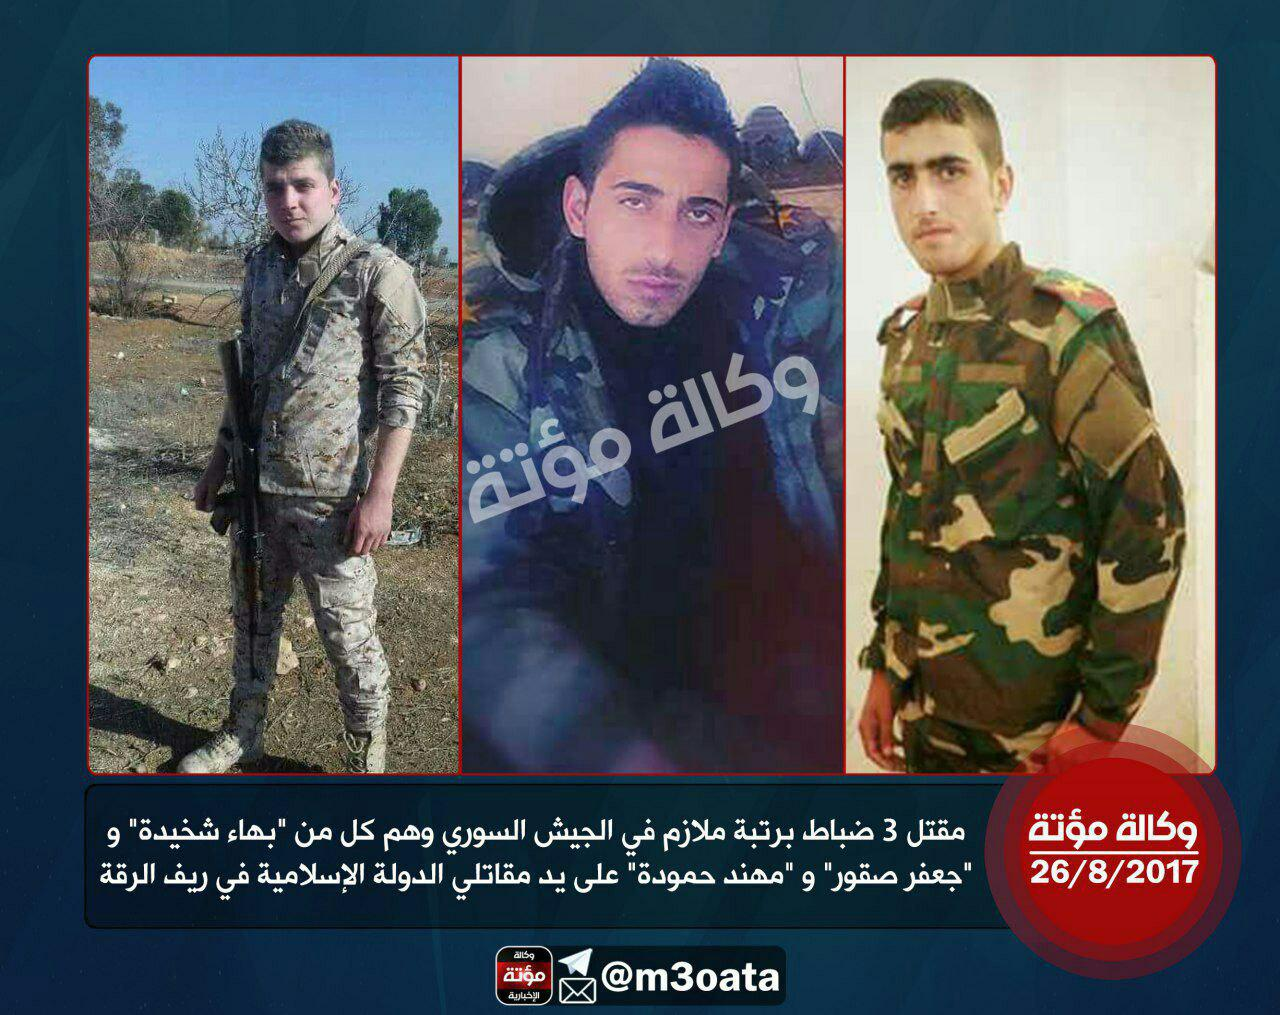 صورة تنظيم الدولة يتقدم بريف الدولة..والنظام يفقد 4 ضباط